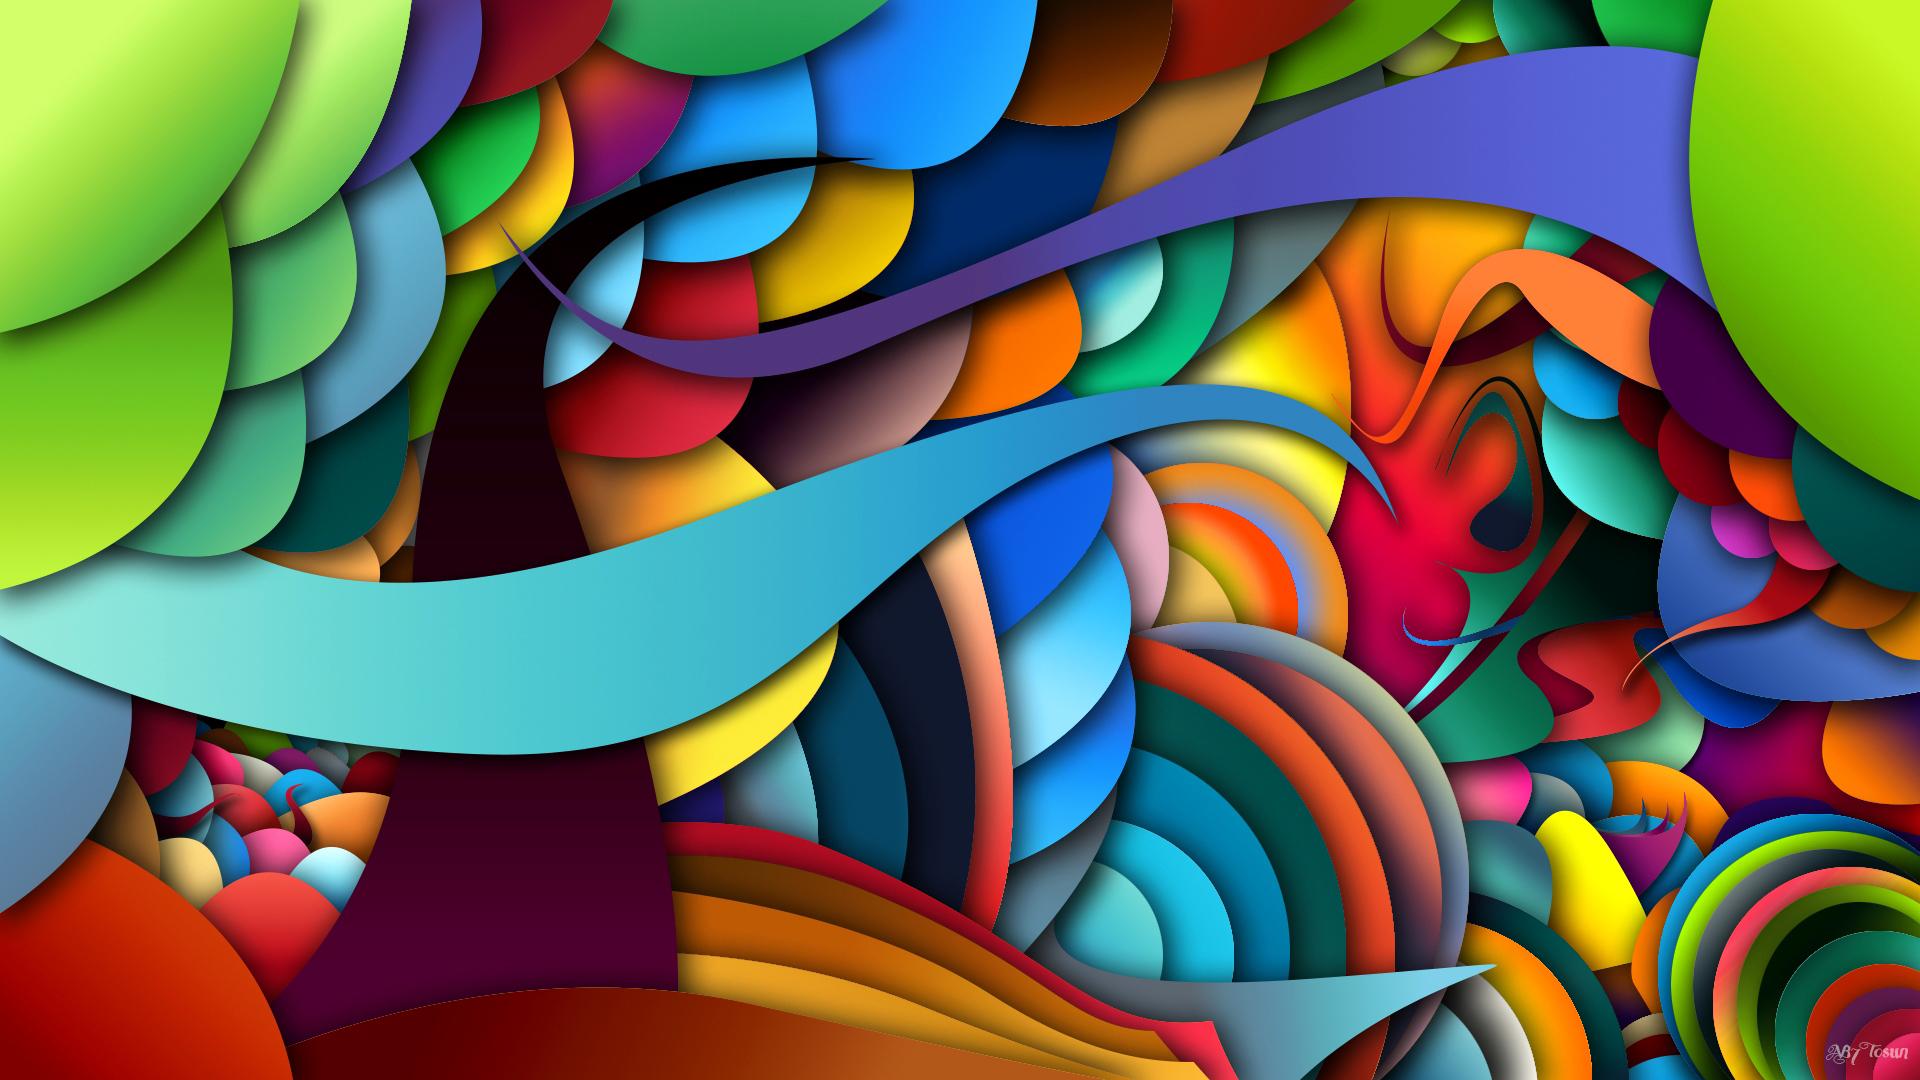 монастырь абстракции в дизайне в картинках себе палантин полушерсти